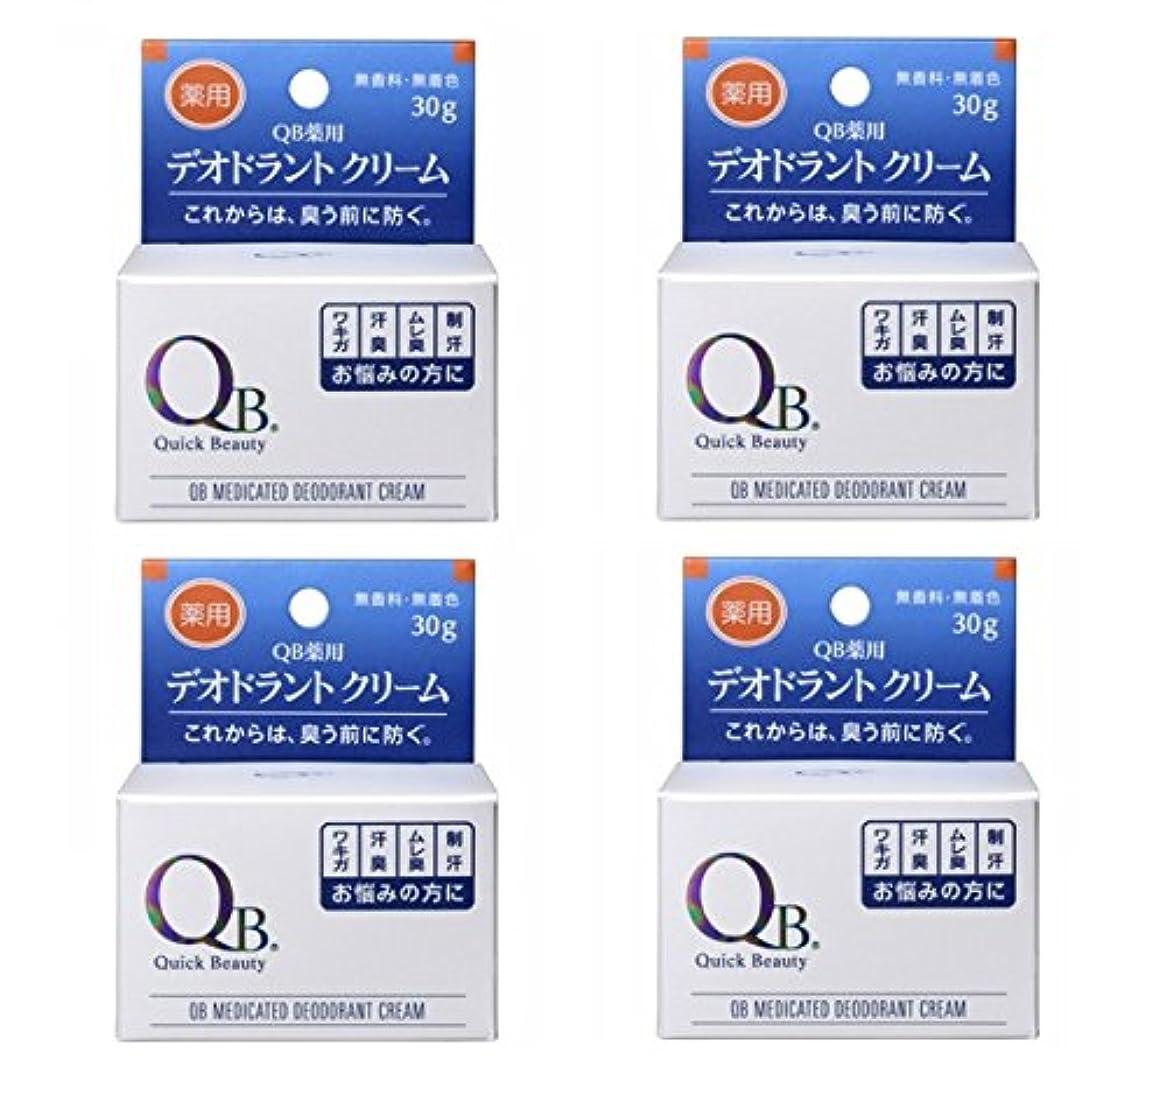 専門化する全く指定する【×4個】 QB 薬用デオドラントクリーム 30g 【国内正規品】